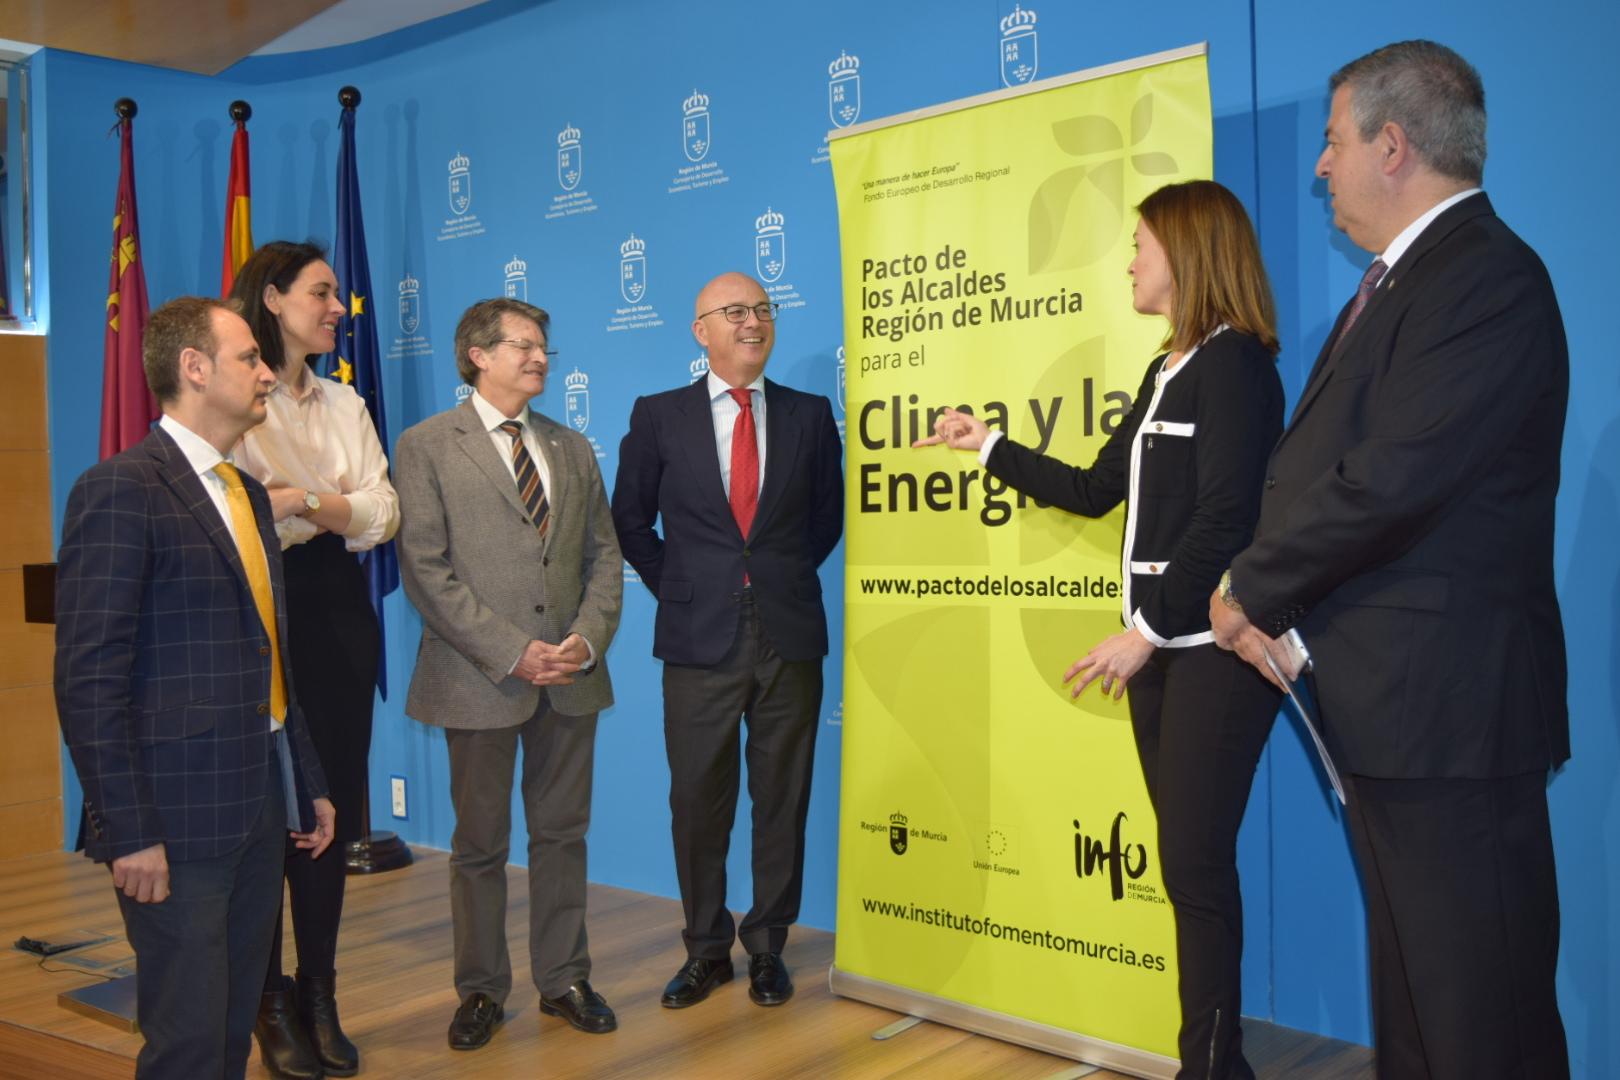 El consejero de Desarrollo Económico, Turismo y Empleo, Juan Hernández (4i), ha presentado hoy 'Life Adaptate', un proyecto que enseña a los ayuntamientos europeos a diseñar planes contra el cambio climático. Imagen: CARM